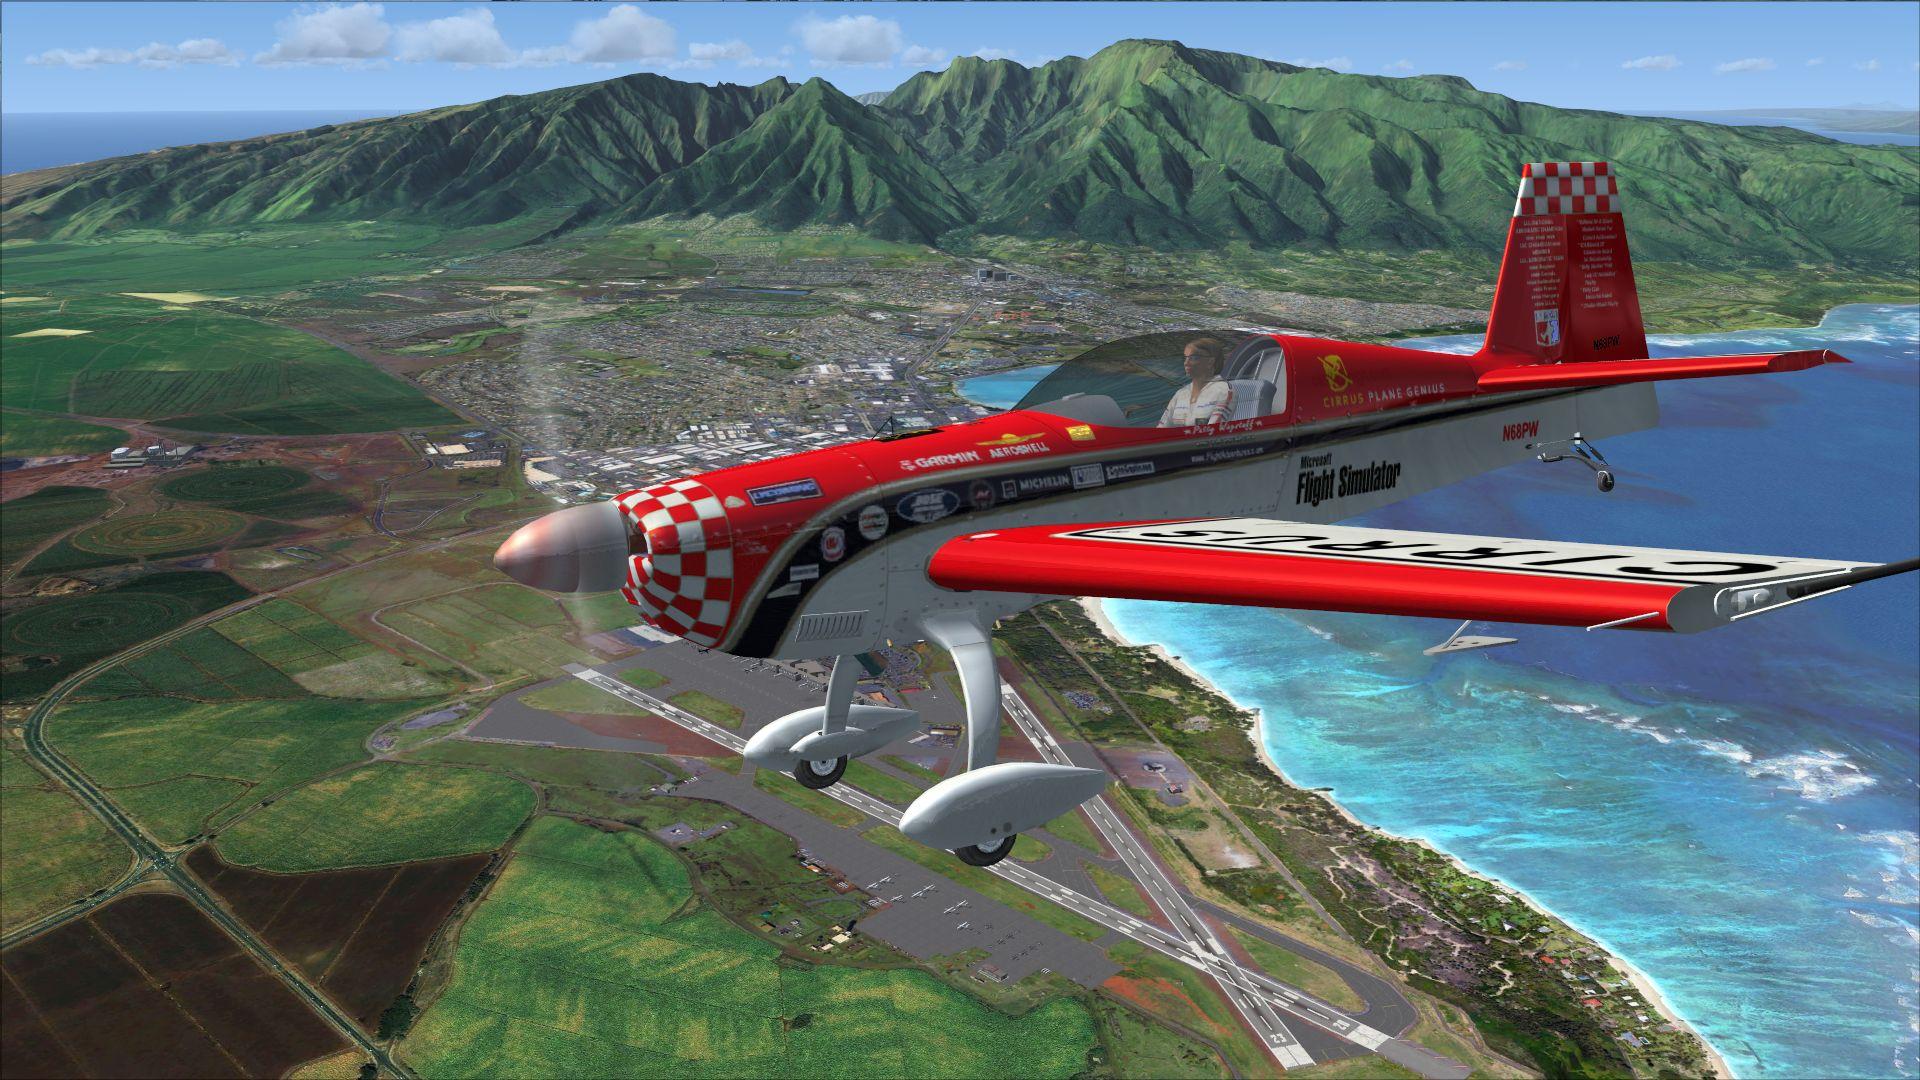 2001_hawaii06_2020-1-rpkzl.jpg